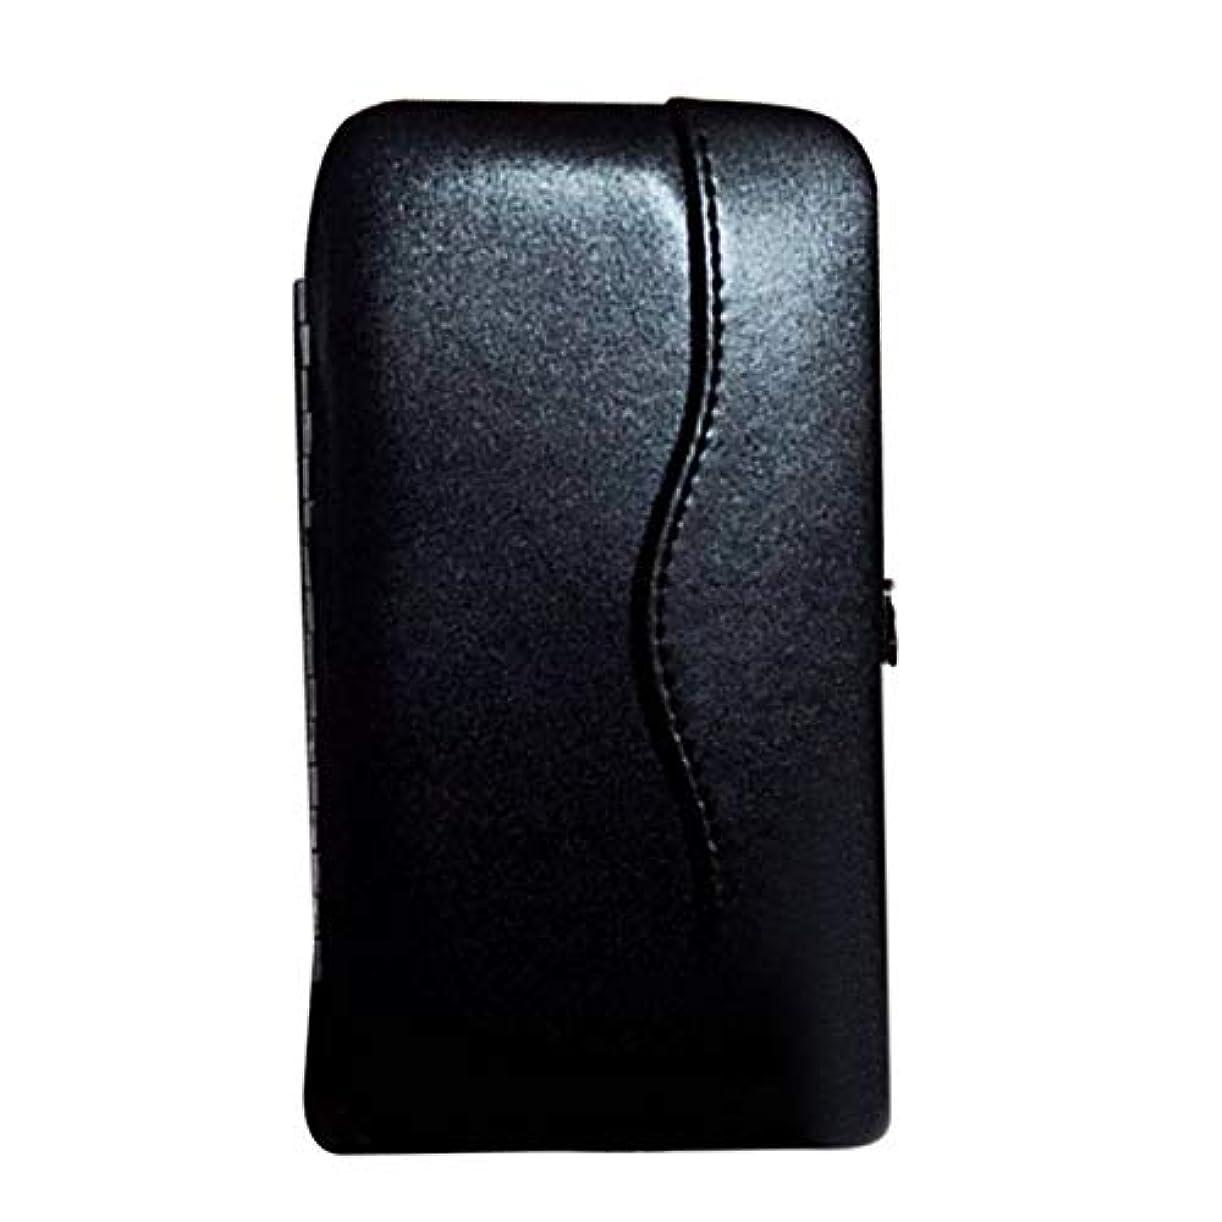 検査やさしく仲人wijaso まつげエクステンションピンセットポータブルツールバッグ用の信頼性の高い美しい新プロメークアップツールストレージボックス(None BK)